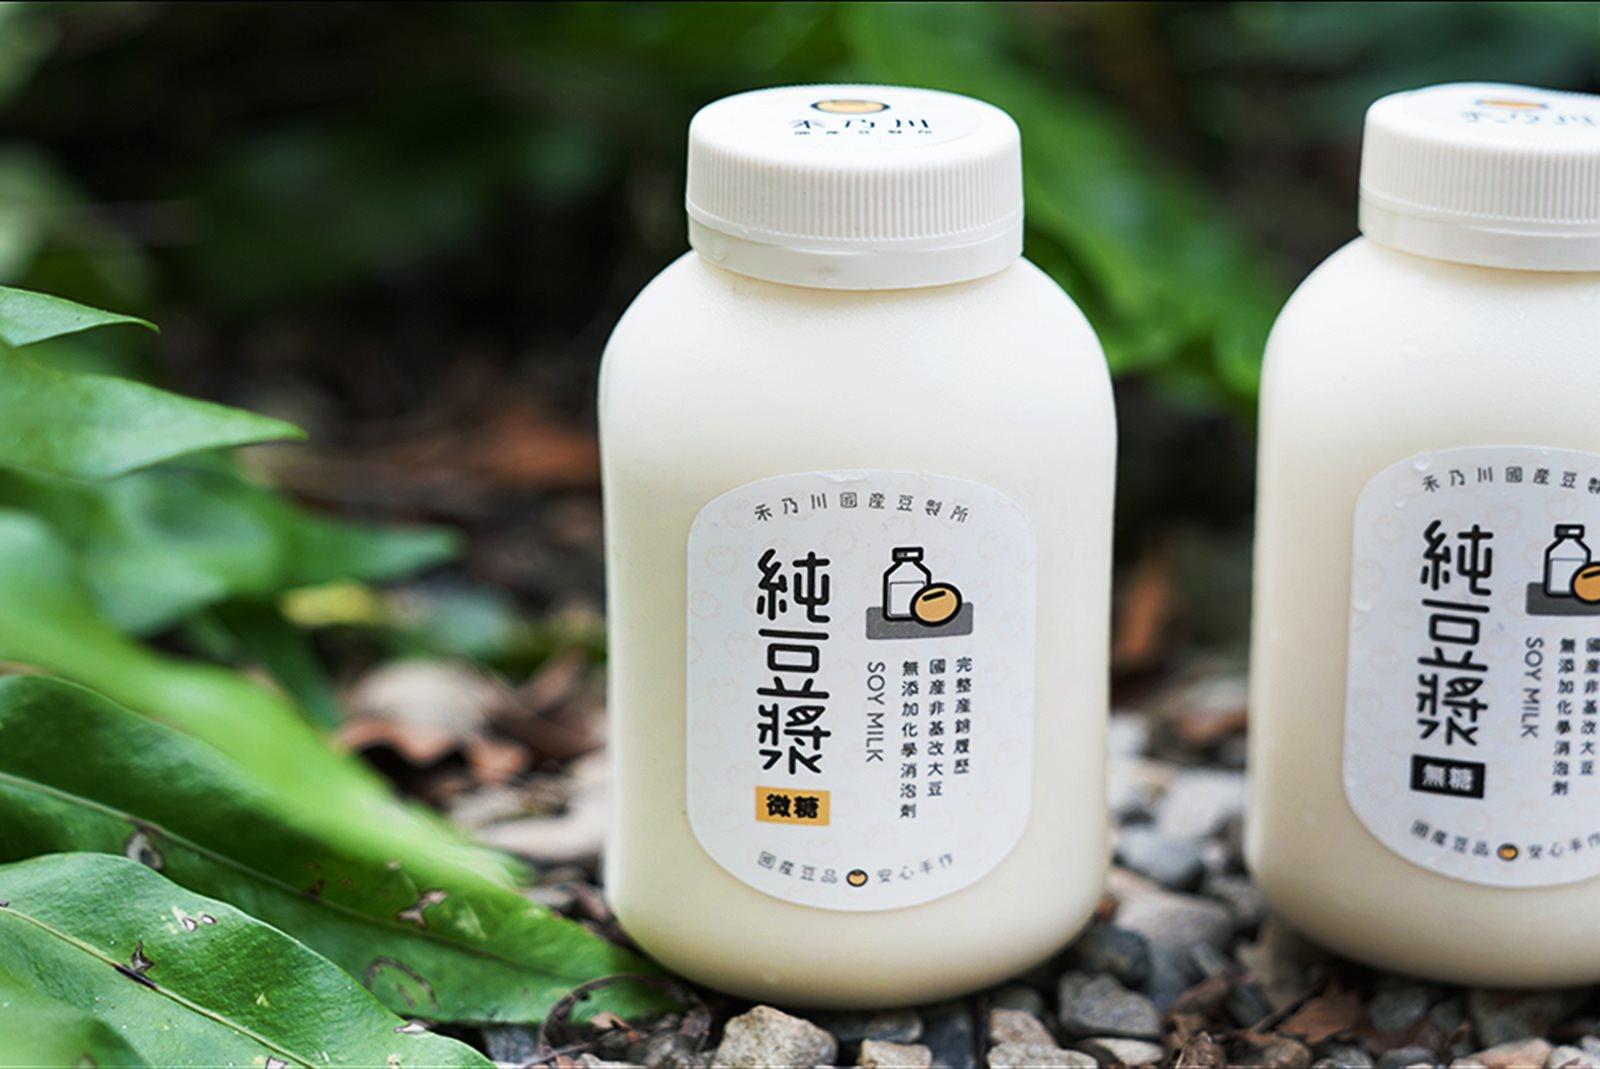 喝豆漿營養嗎?先了解豆漿的營養成分和什麼是大豆異黃酮?